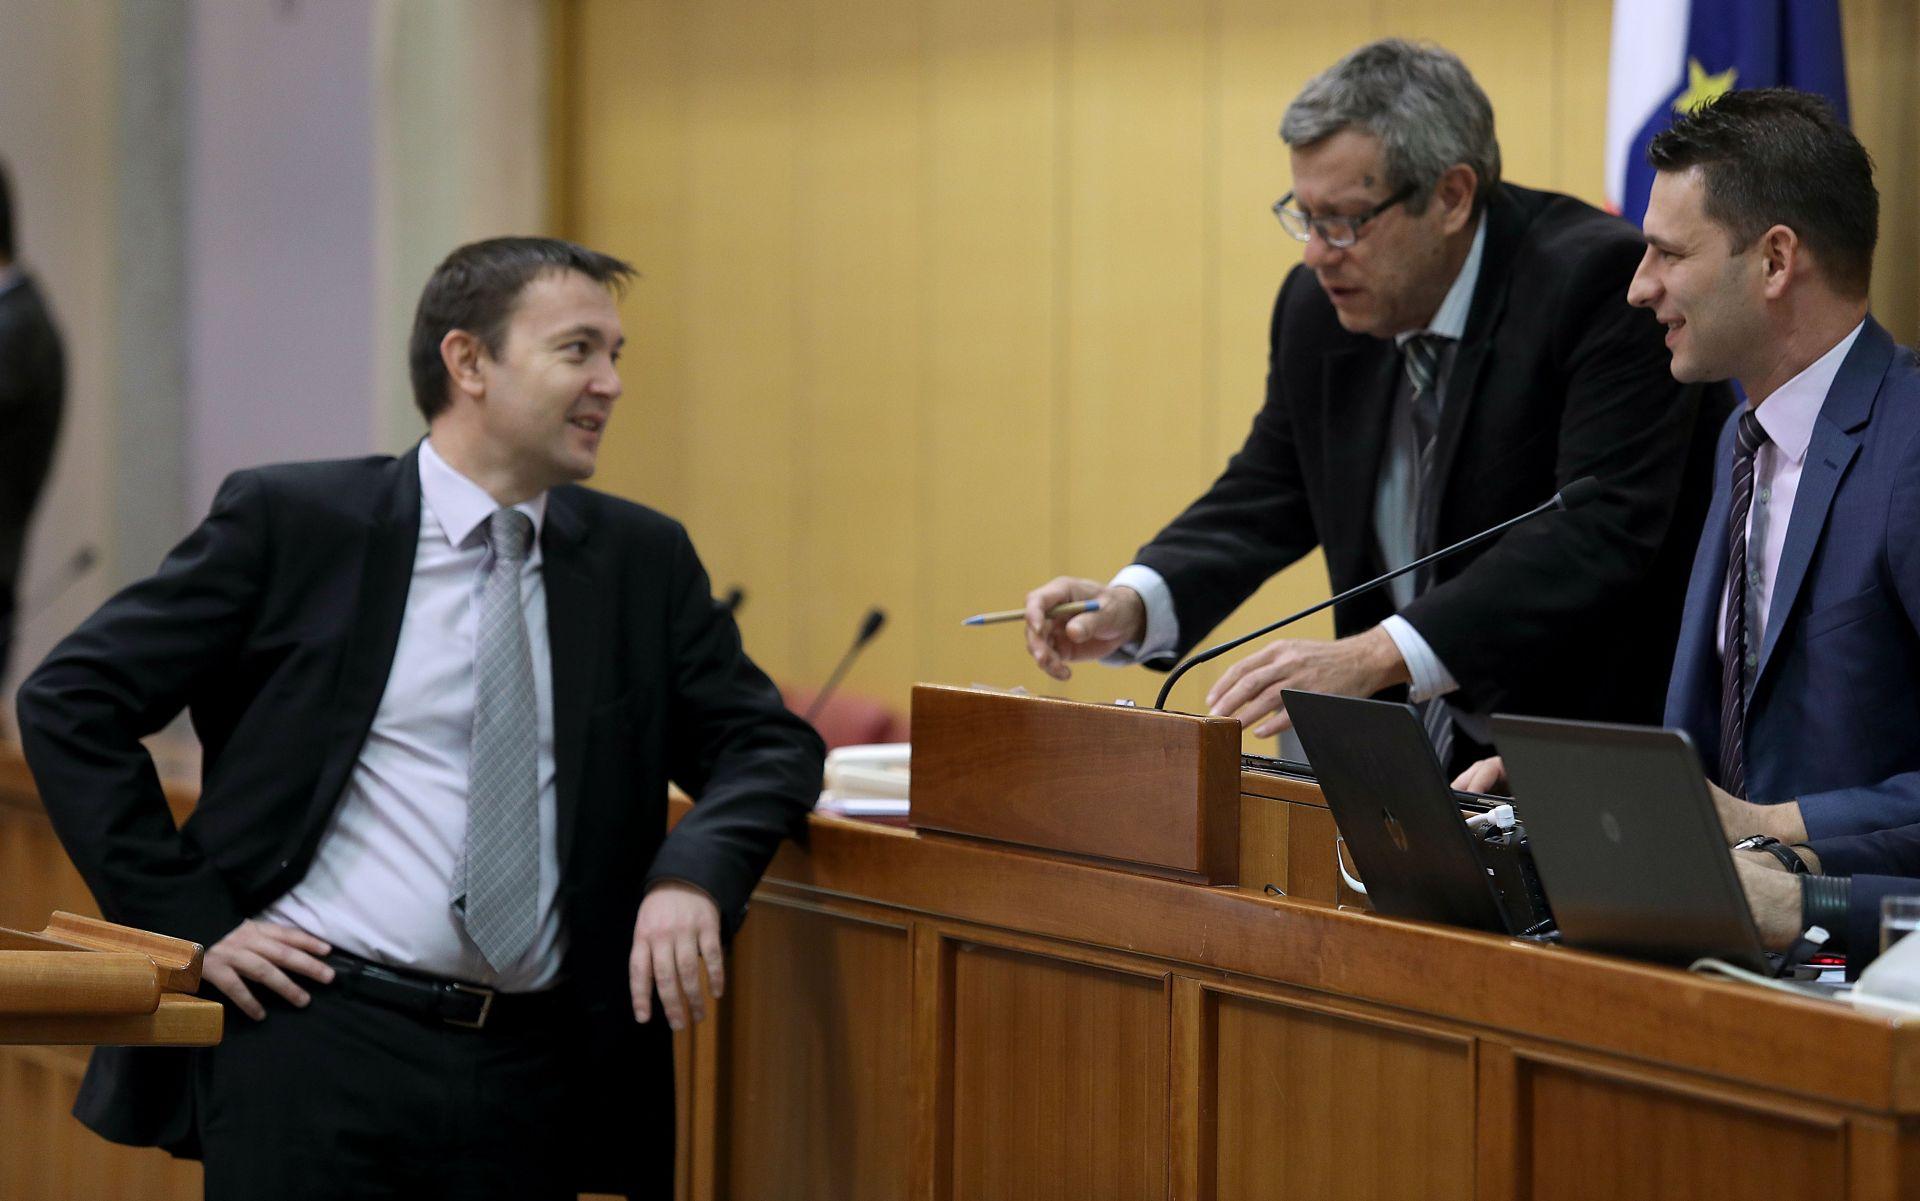 BAUK: Odbor za Ustav sudit će je li opomena Petrijevčanin Vuksanović opravdana